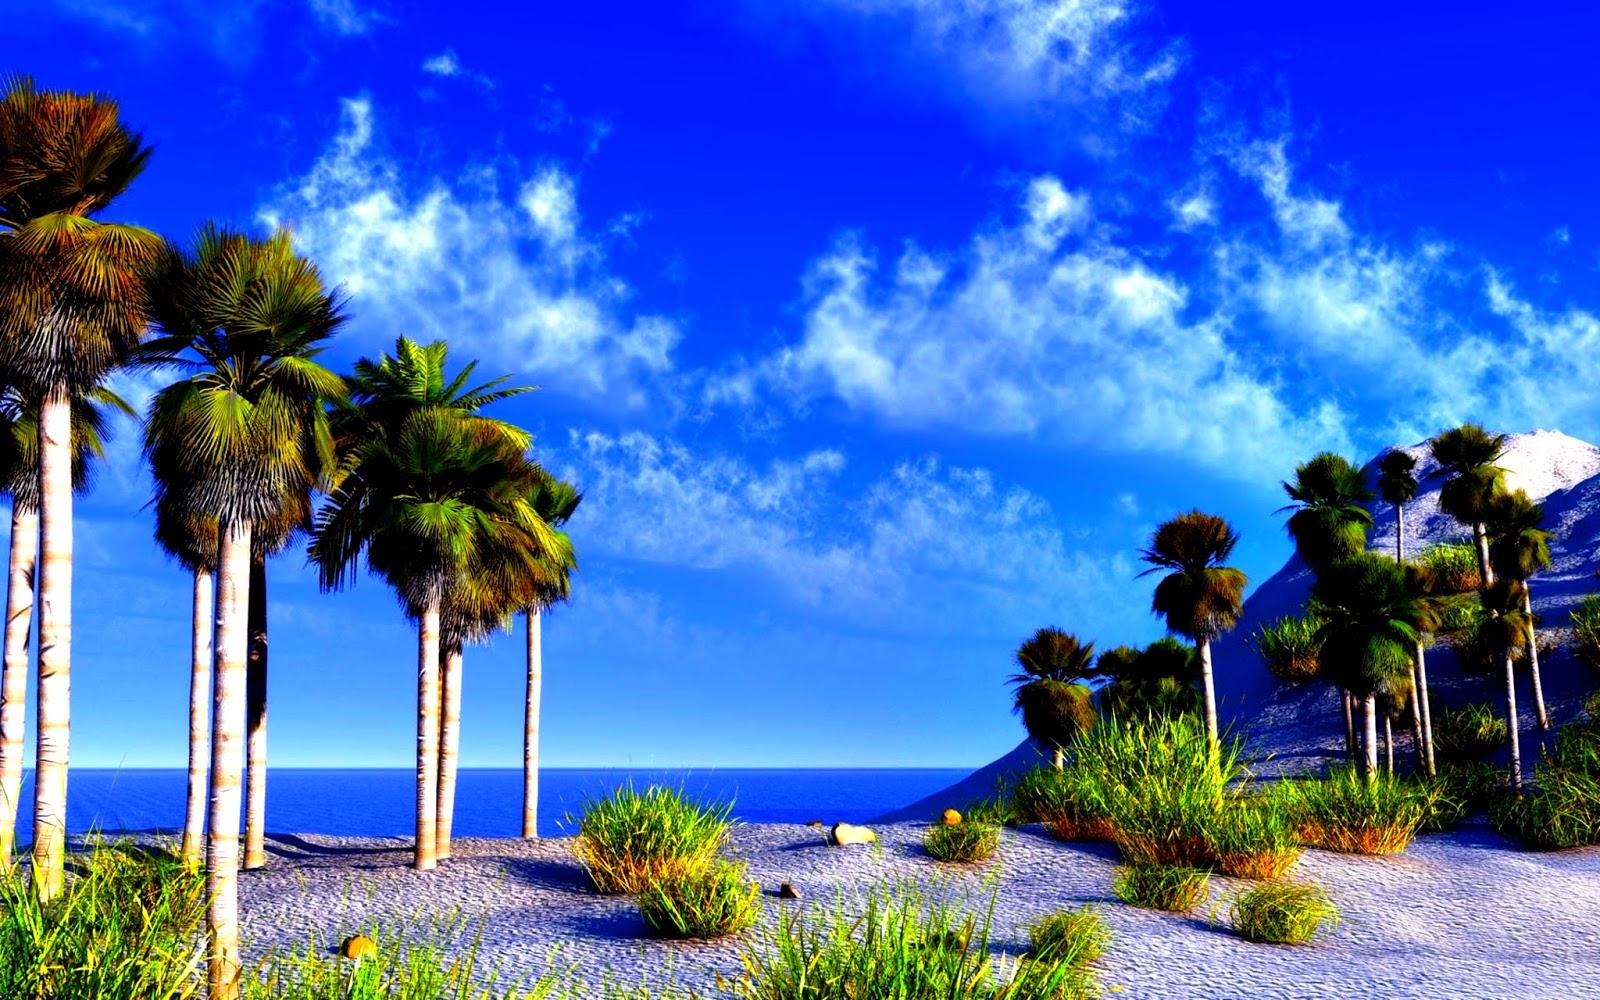 Nature World Best Sea Beach Wallpaper